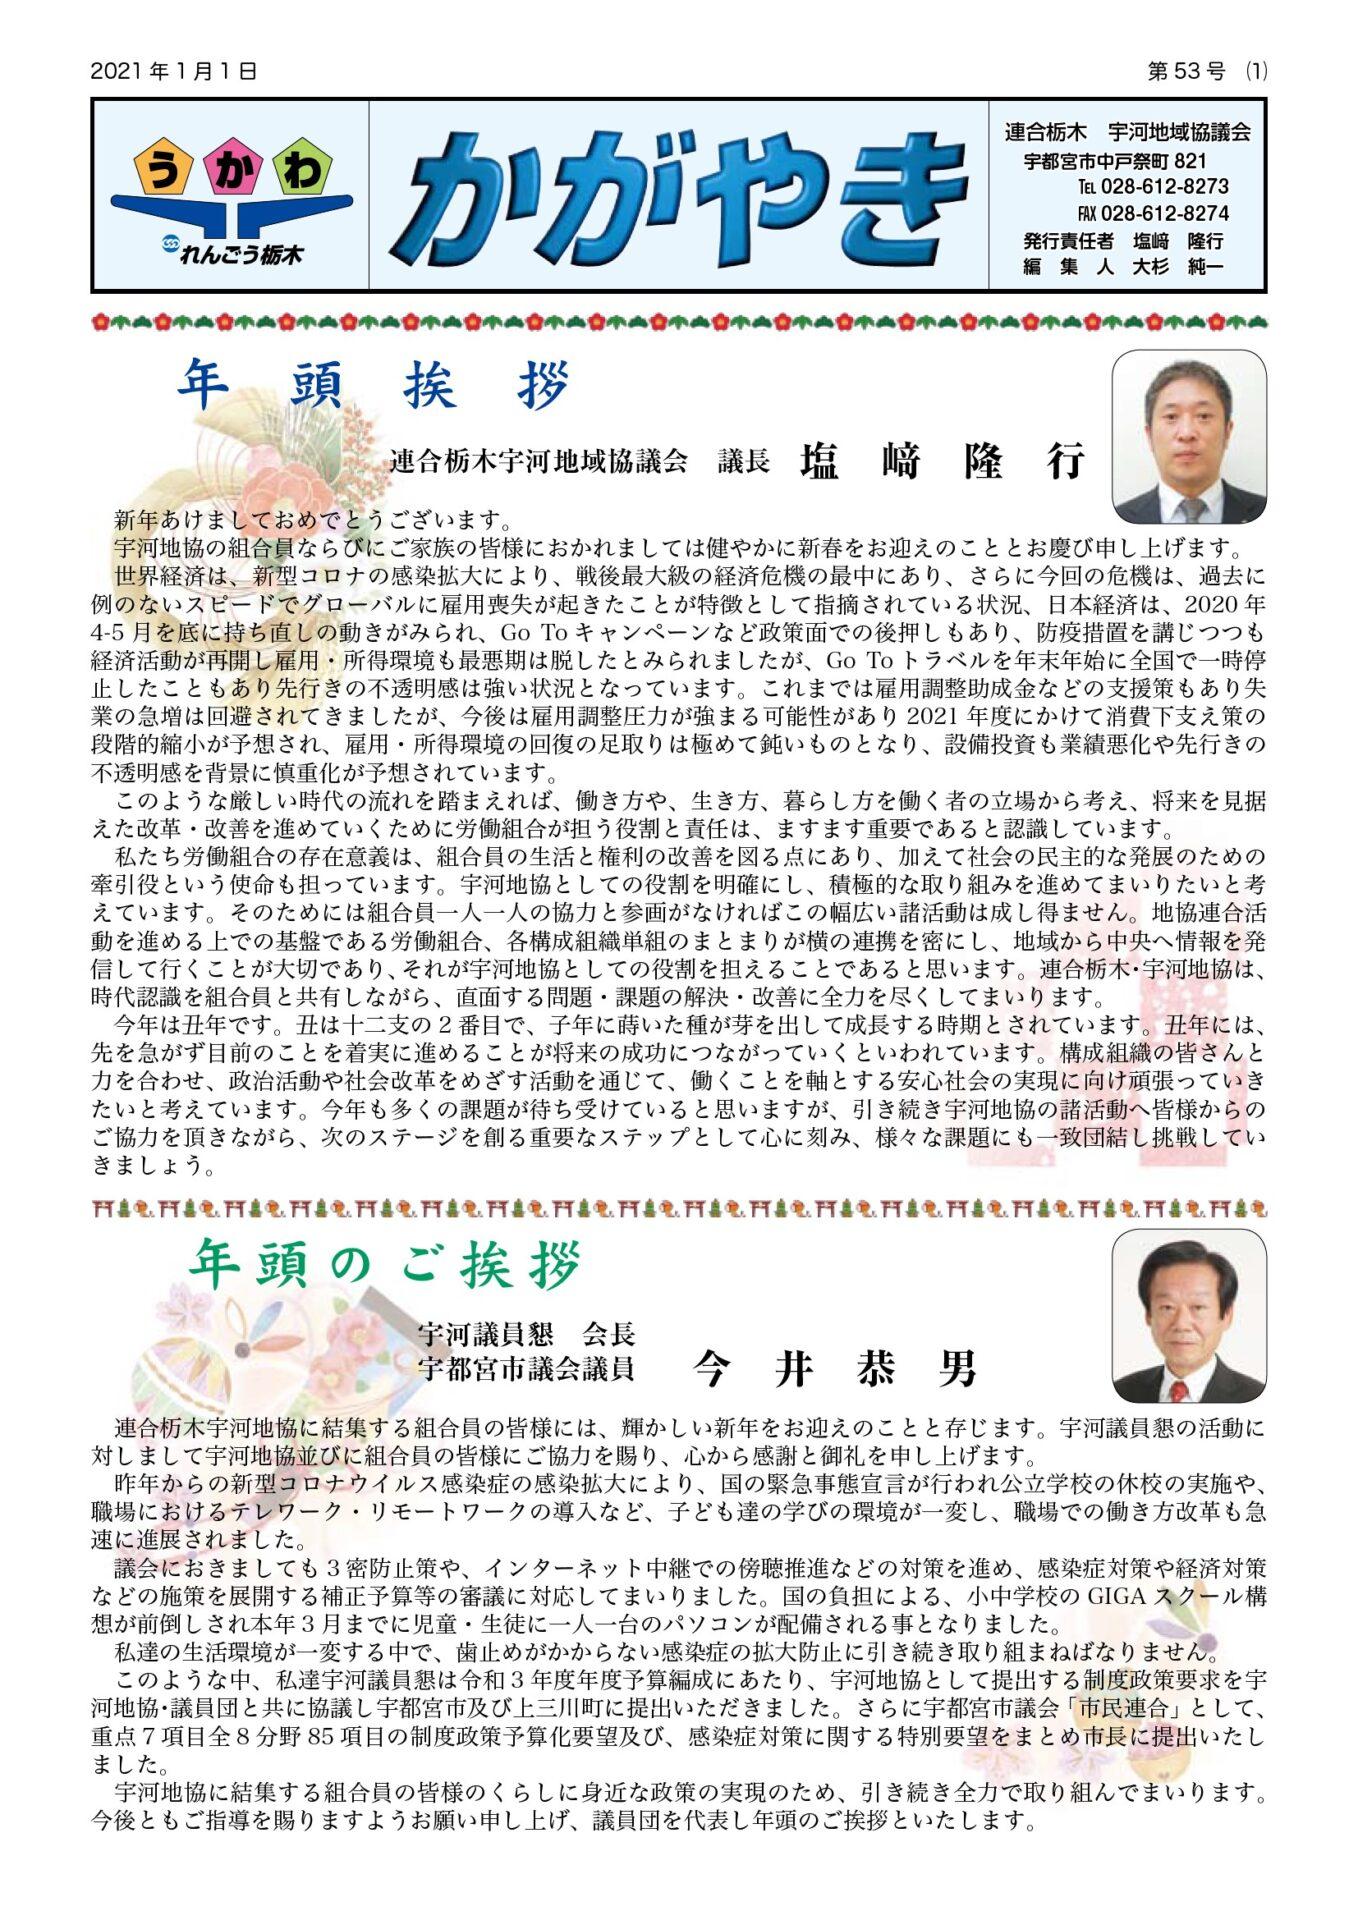 宇河地協機関紙